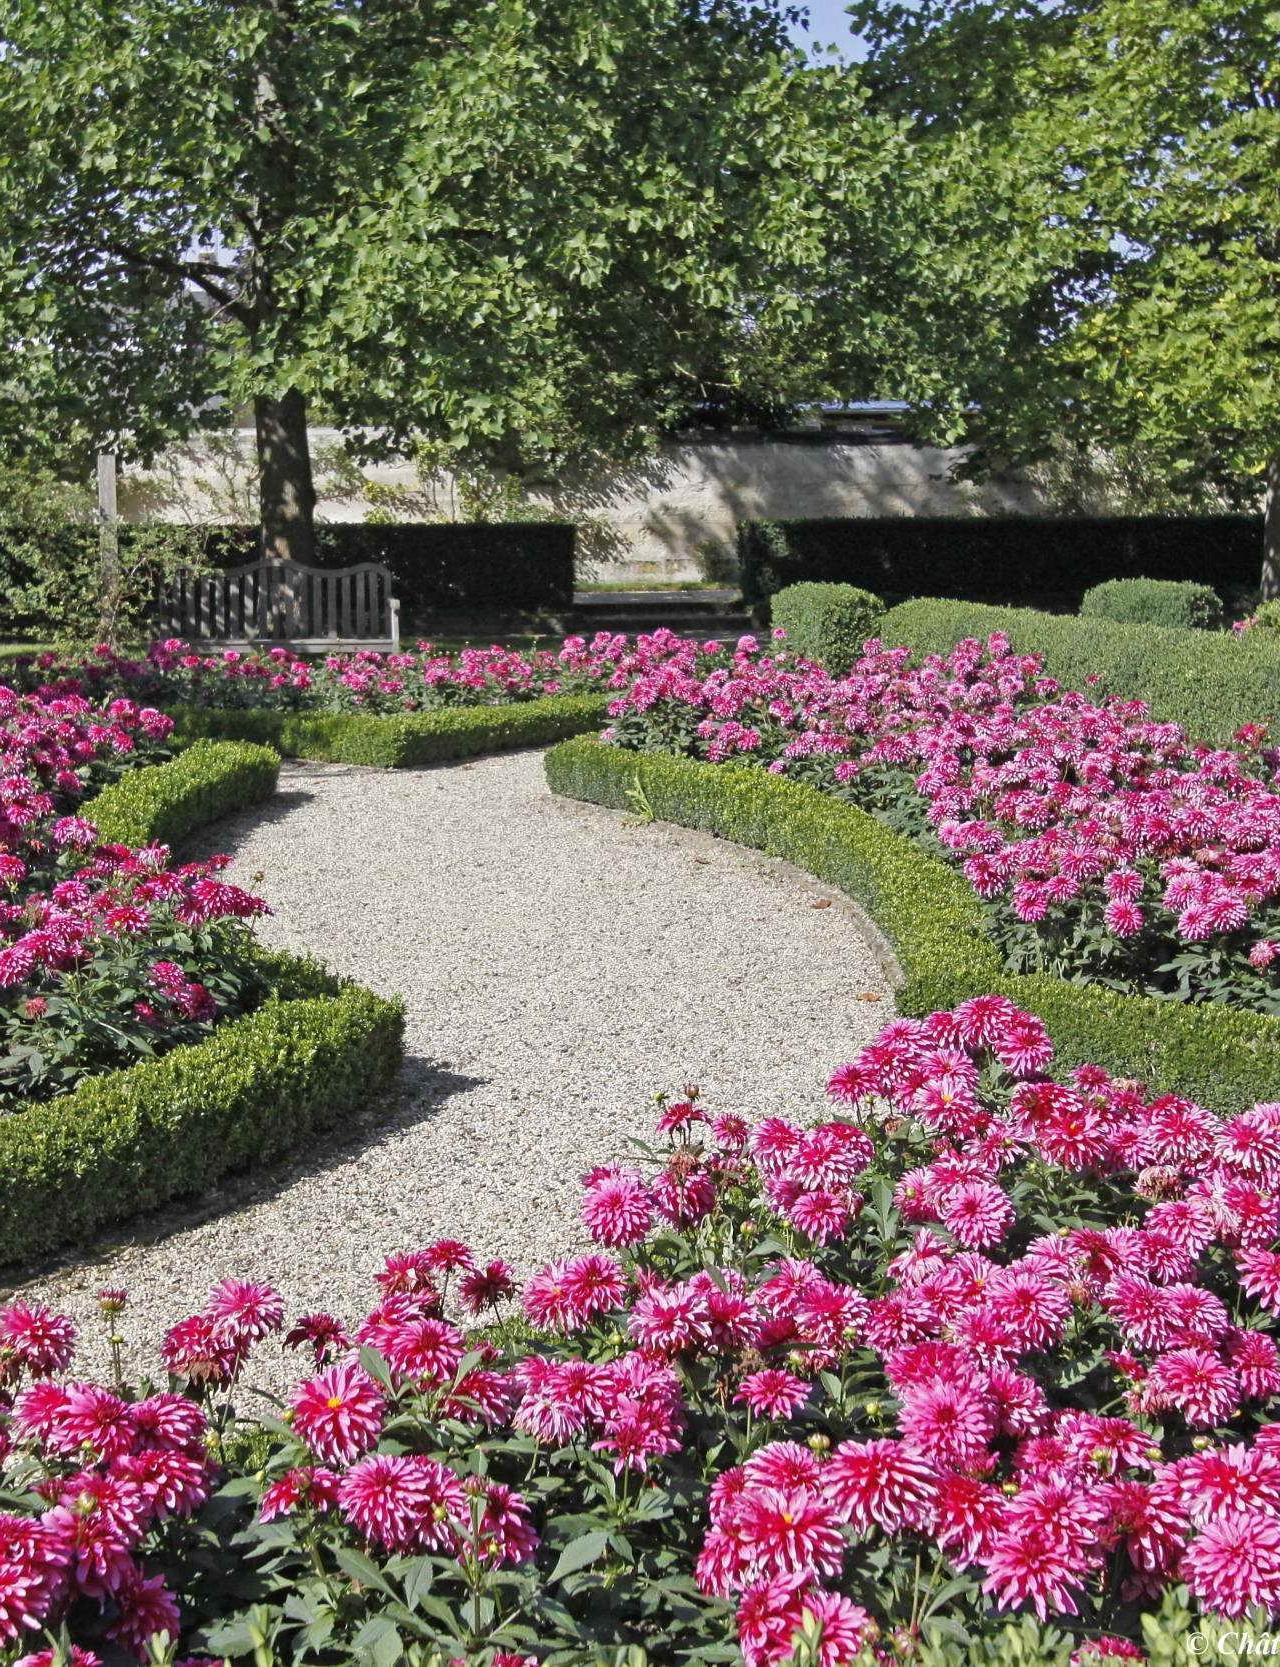 Les jardins du nouveau monde mus e franco americain for Jardin a l americaine